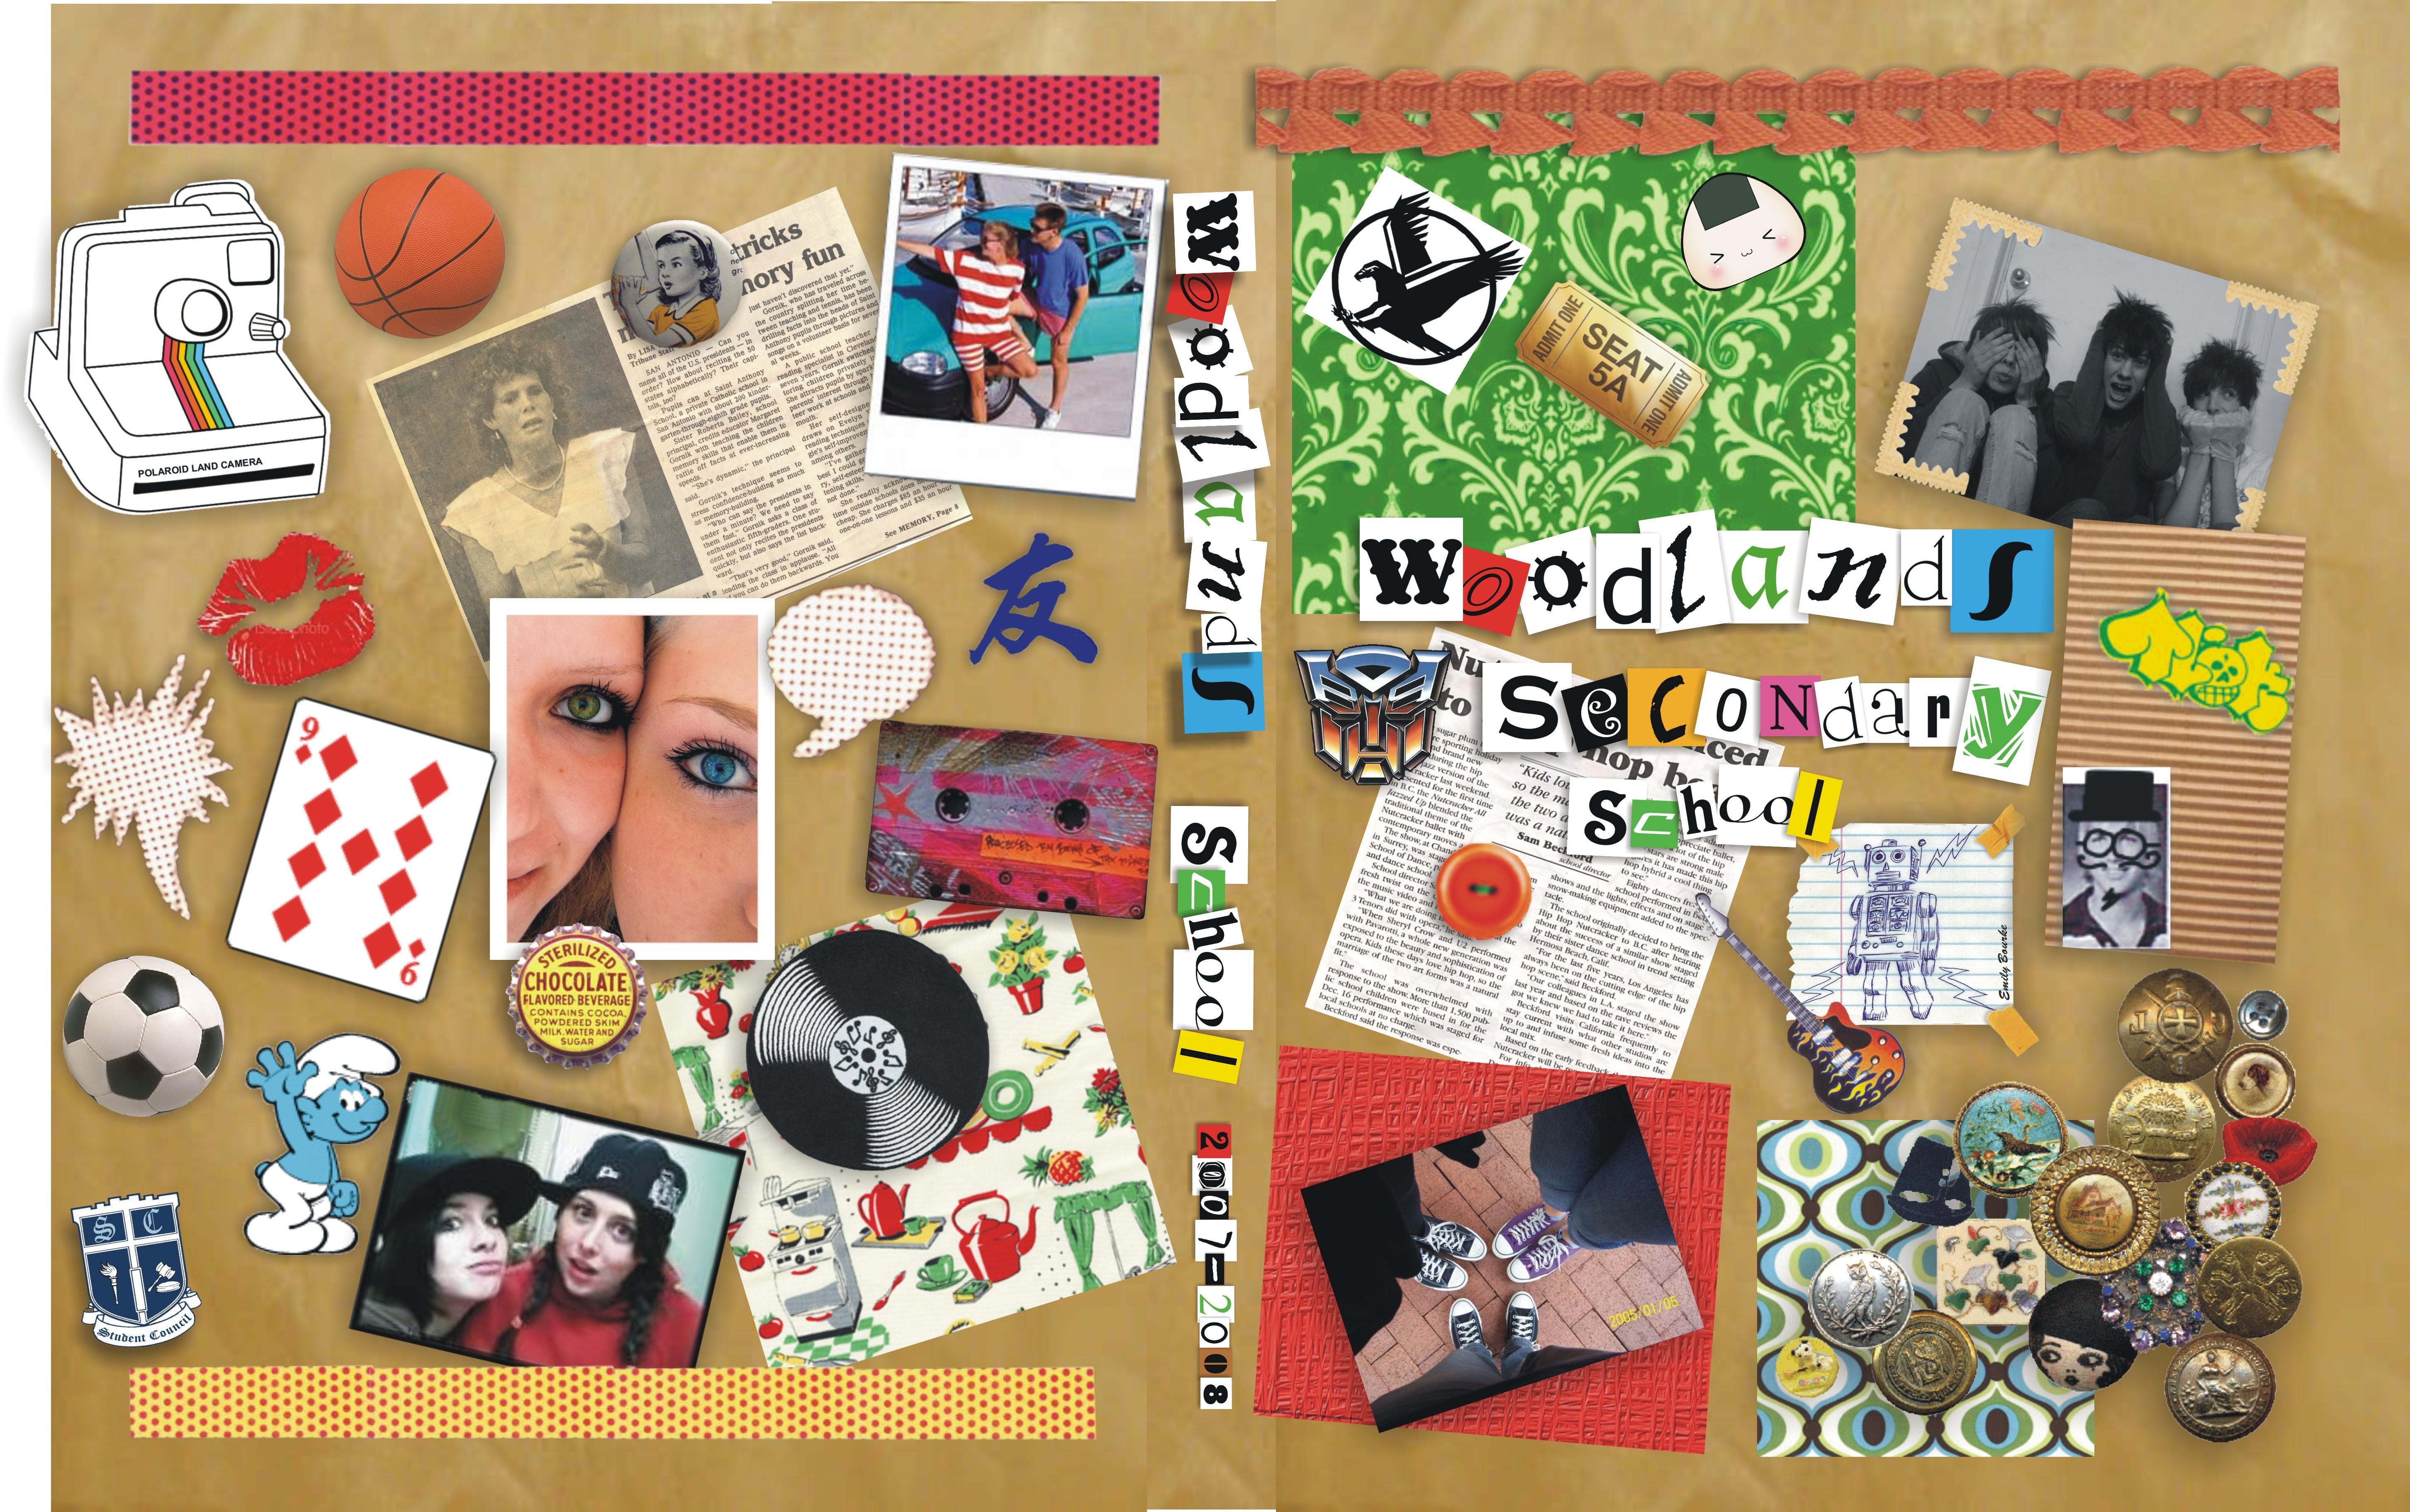 Scrapbook ideas school -  Fc06 Deviantart Net